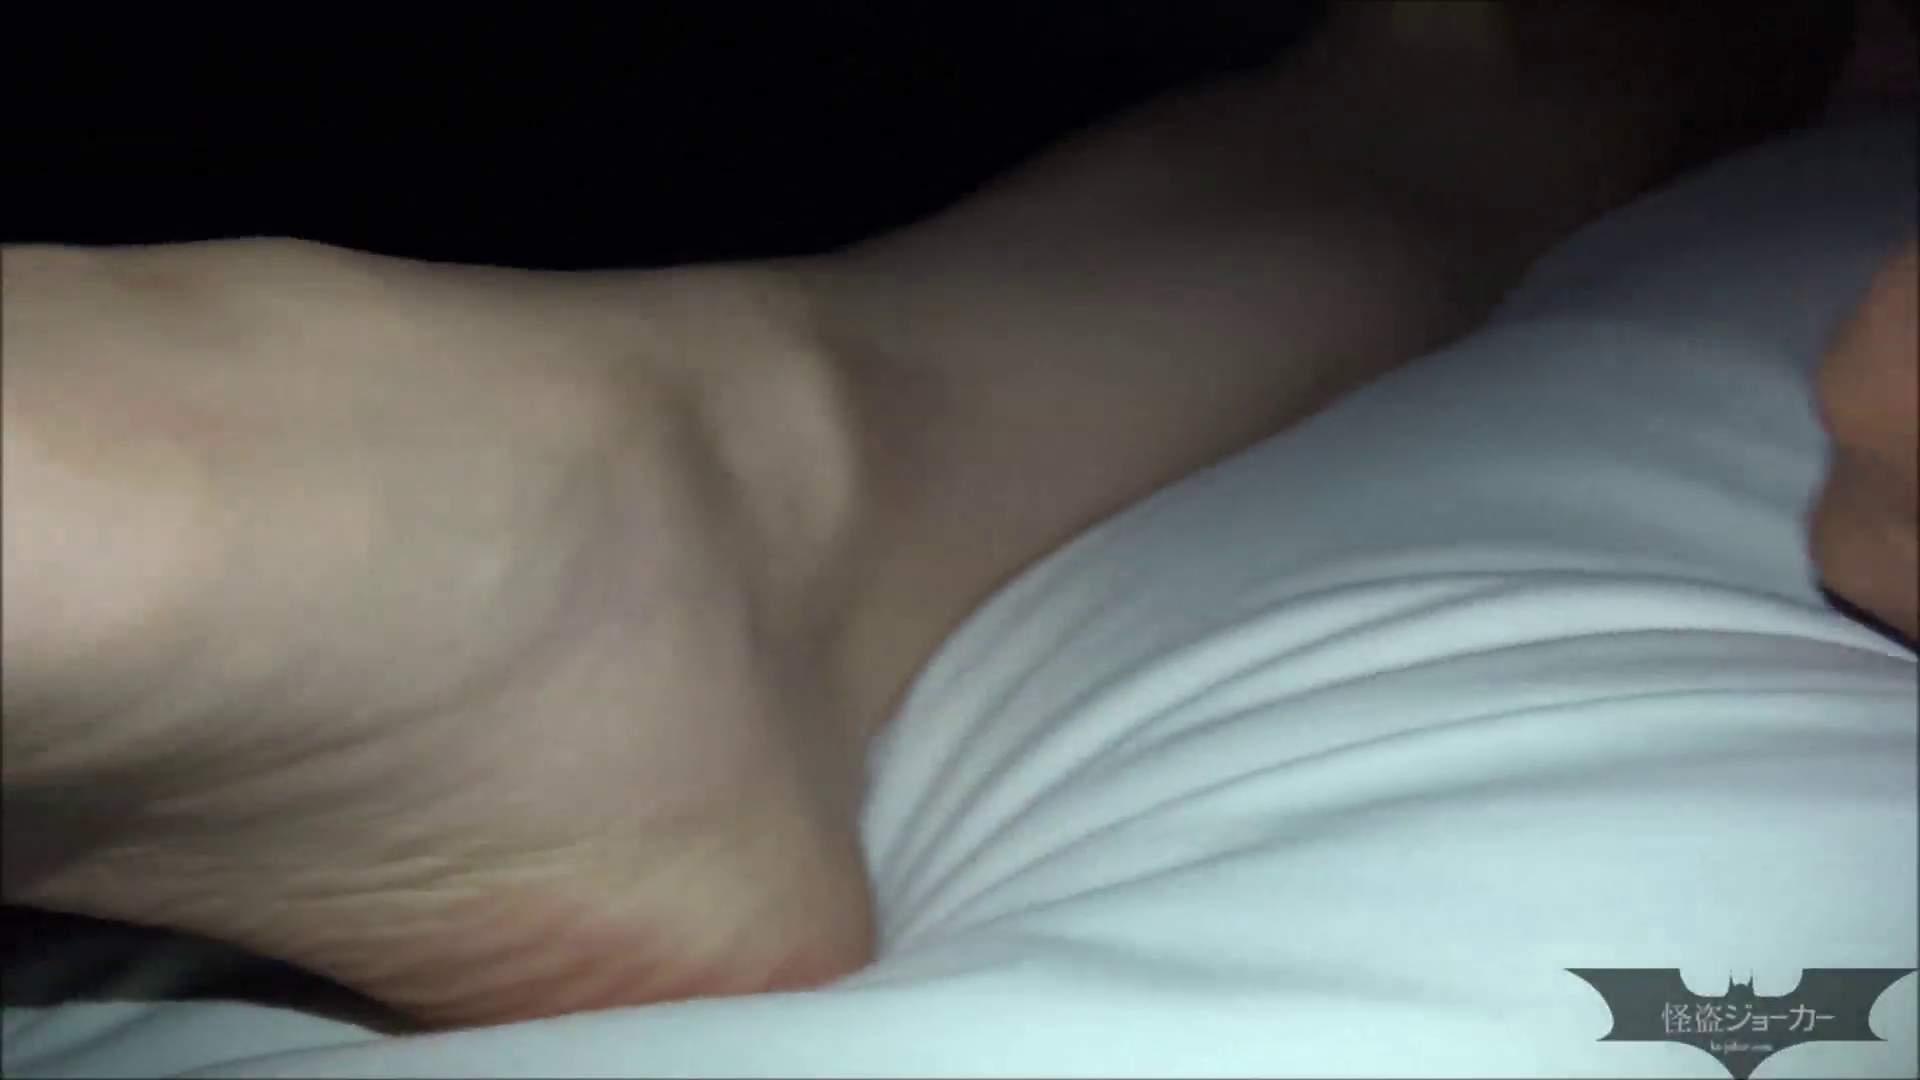 【未公開】vol.59【小春】回想・・・もう今は見れない黒髪と制月反姿。。。 美乳 オマンコ無修正動画無料 100画像 60